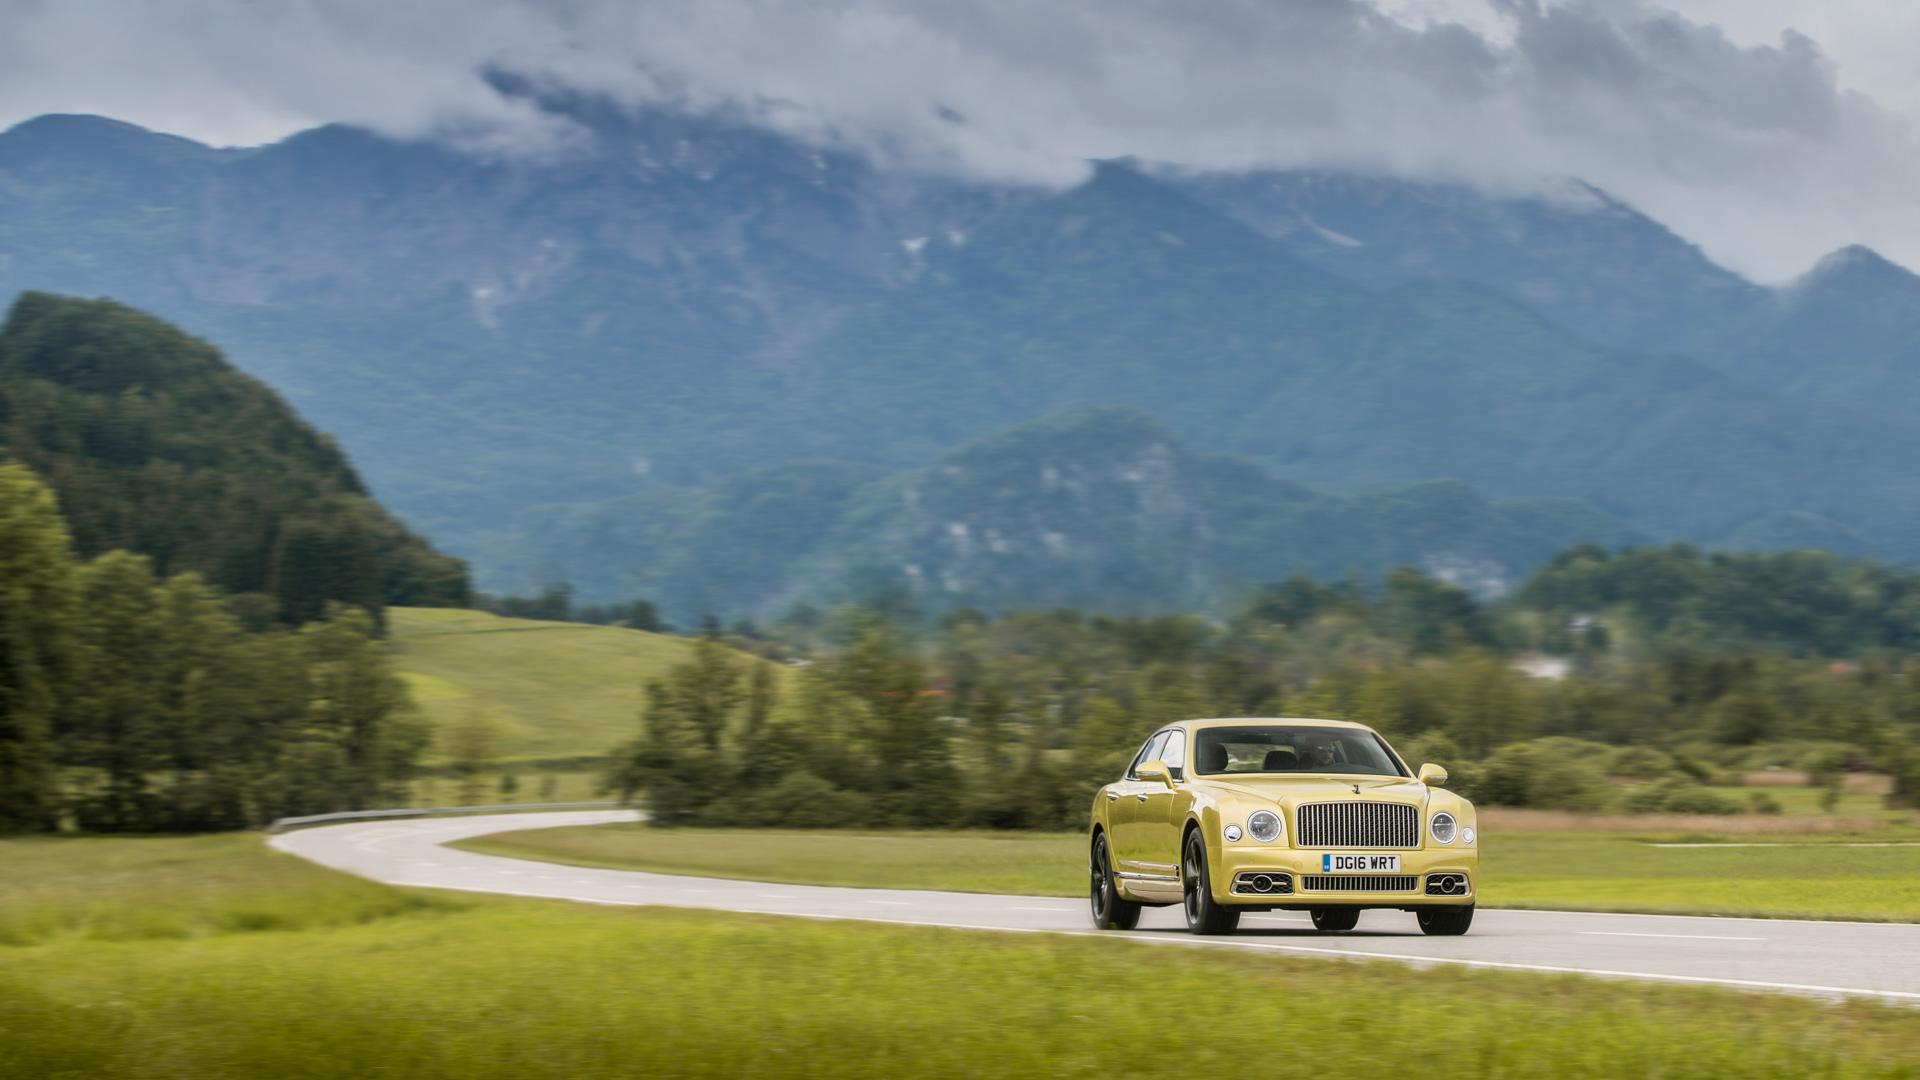 Мыокунулись вовнутренний мир обновленного Bentley Mulsanne. И, кажется, досих пор невынырнули. Фото 1